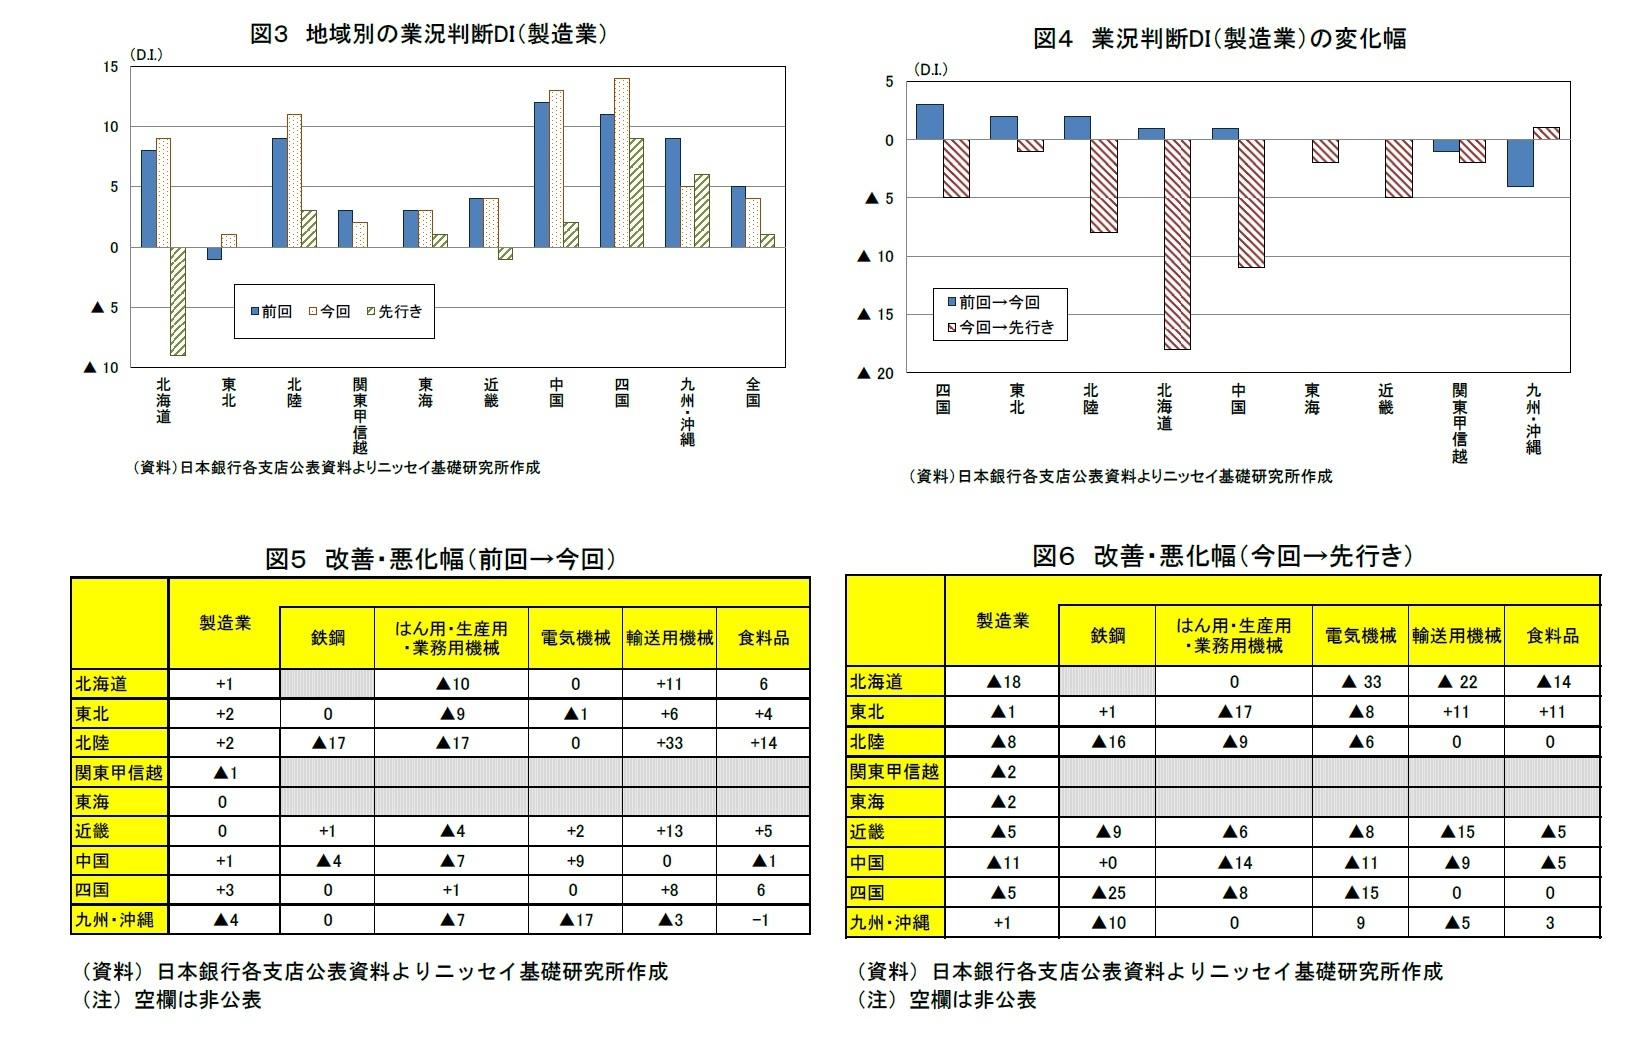 図3 地域別の業況判断DI(製造業)/図4 業況判断DI(製造業)の変化幅/図5 改善・悪化幅(前回→今回)/図6 改善・悪化幅(今回→先行き)